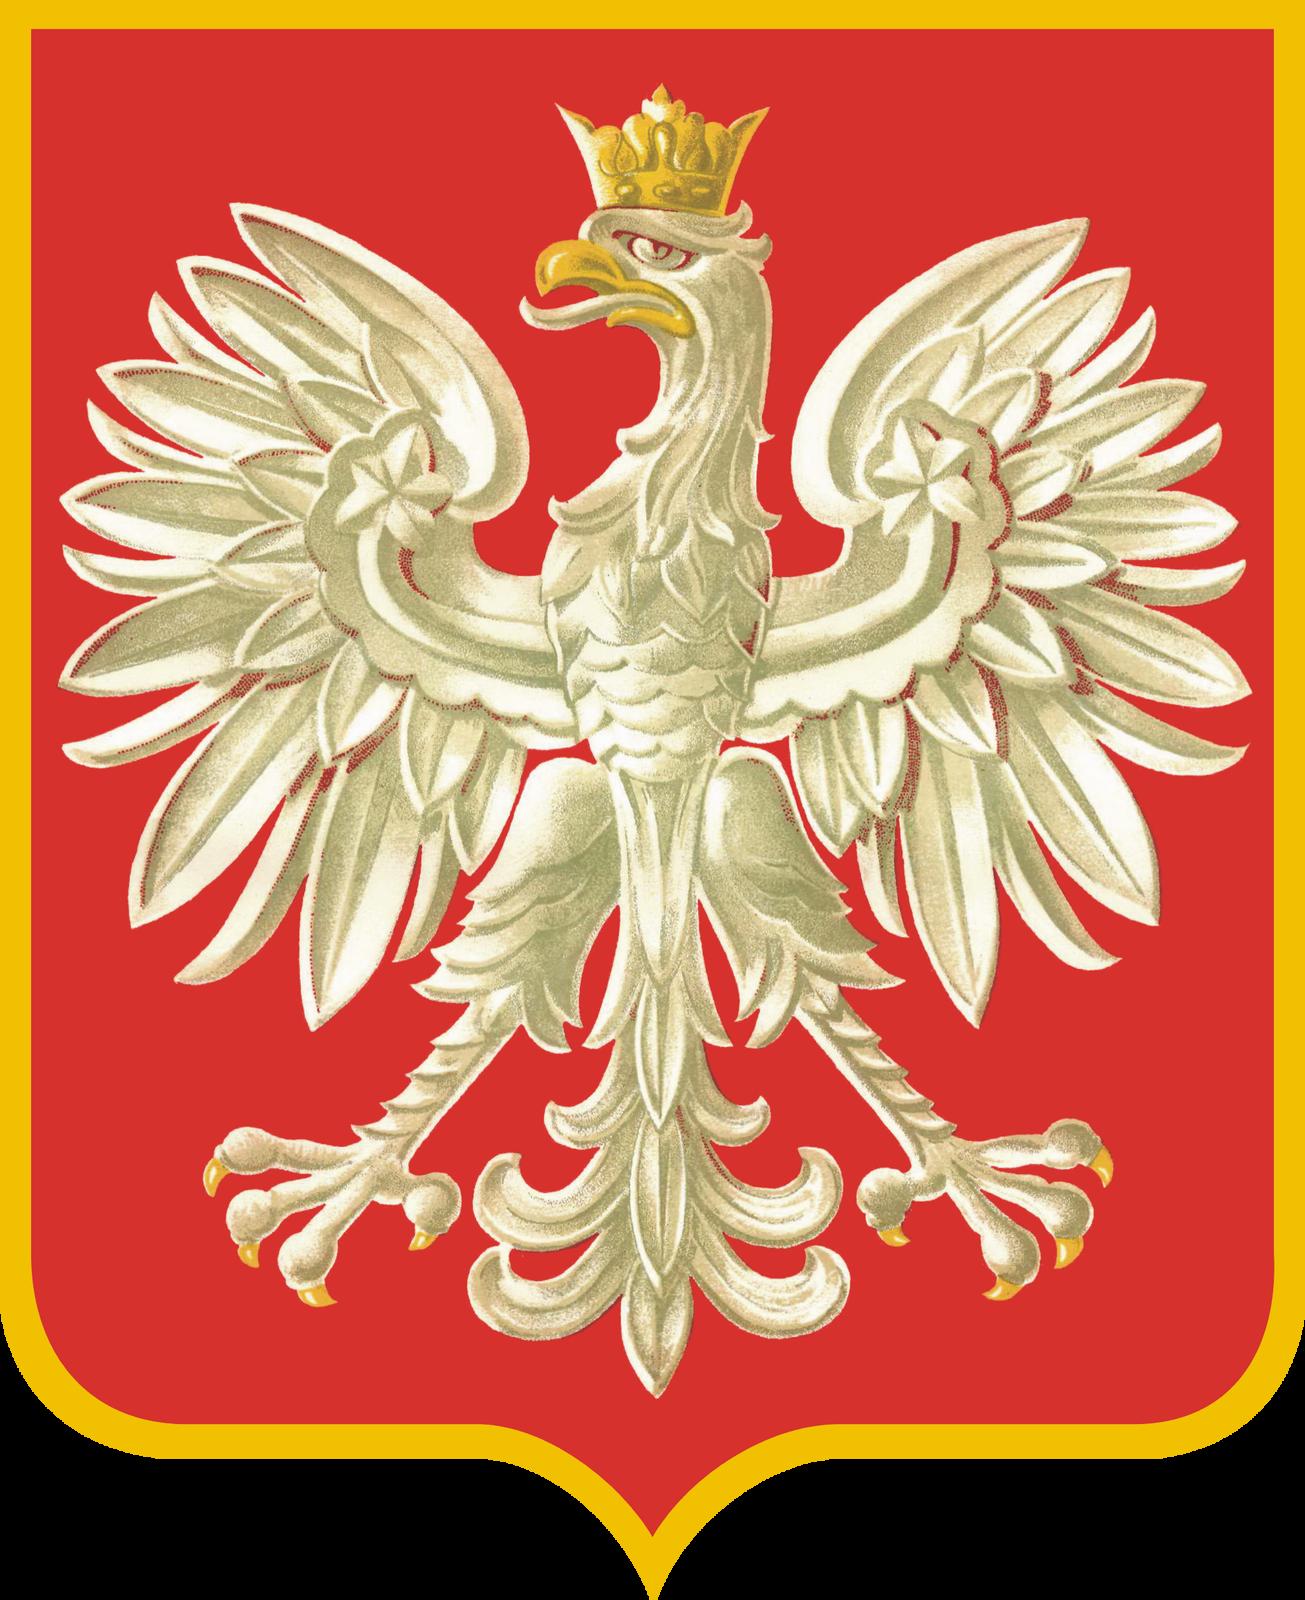 Godło II RP obowiązujące od 1928 r. Źródło: Godło II RP obowiązujące od 1928 r., domena publiczna.